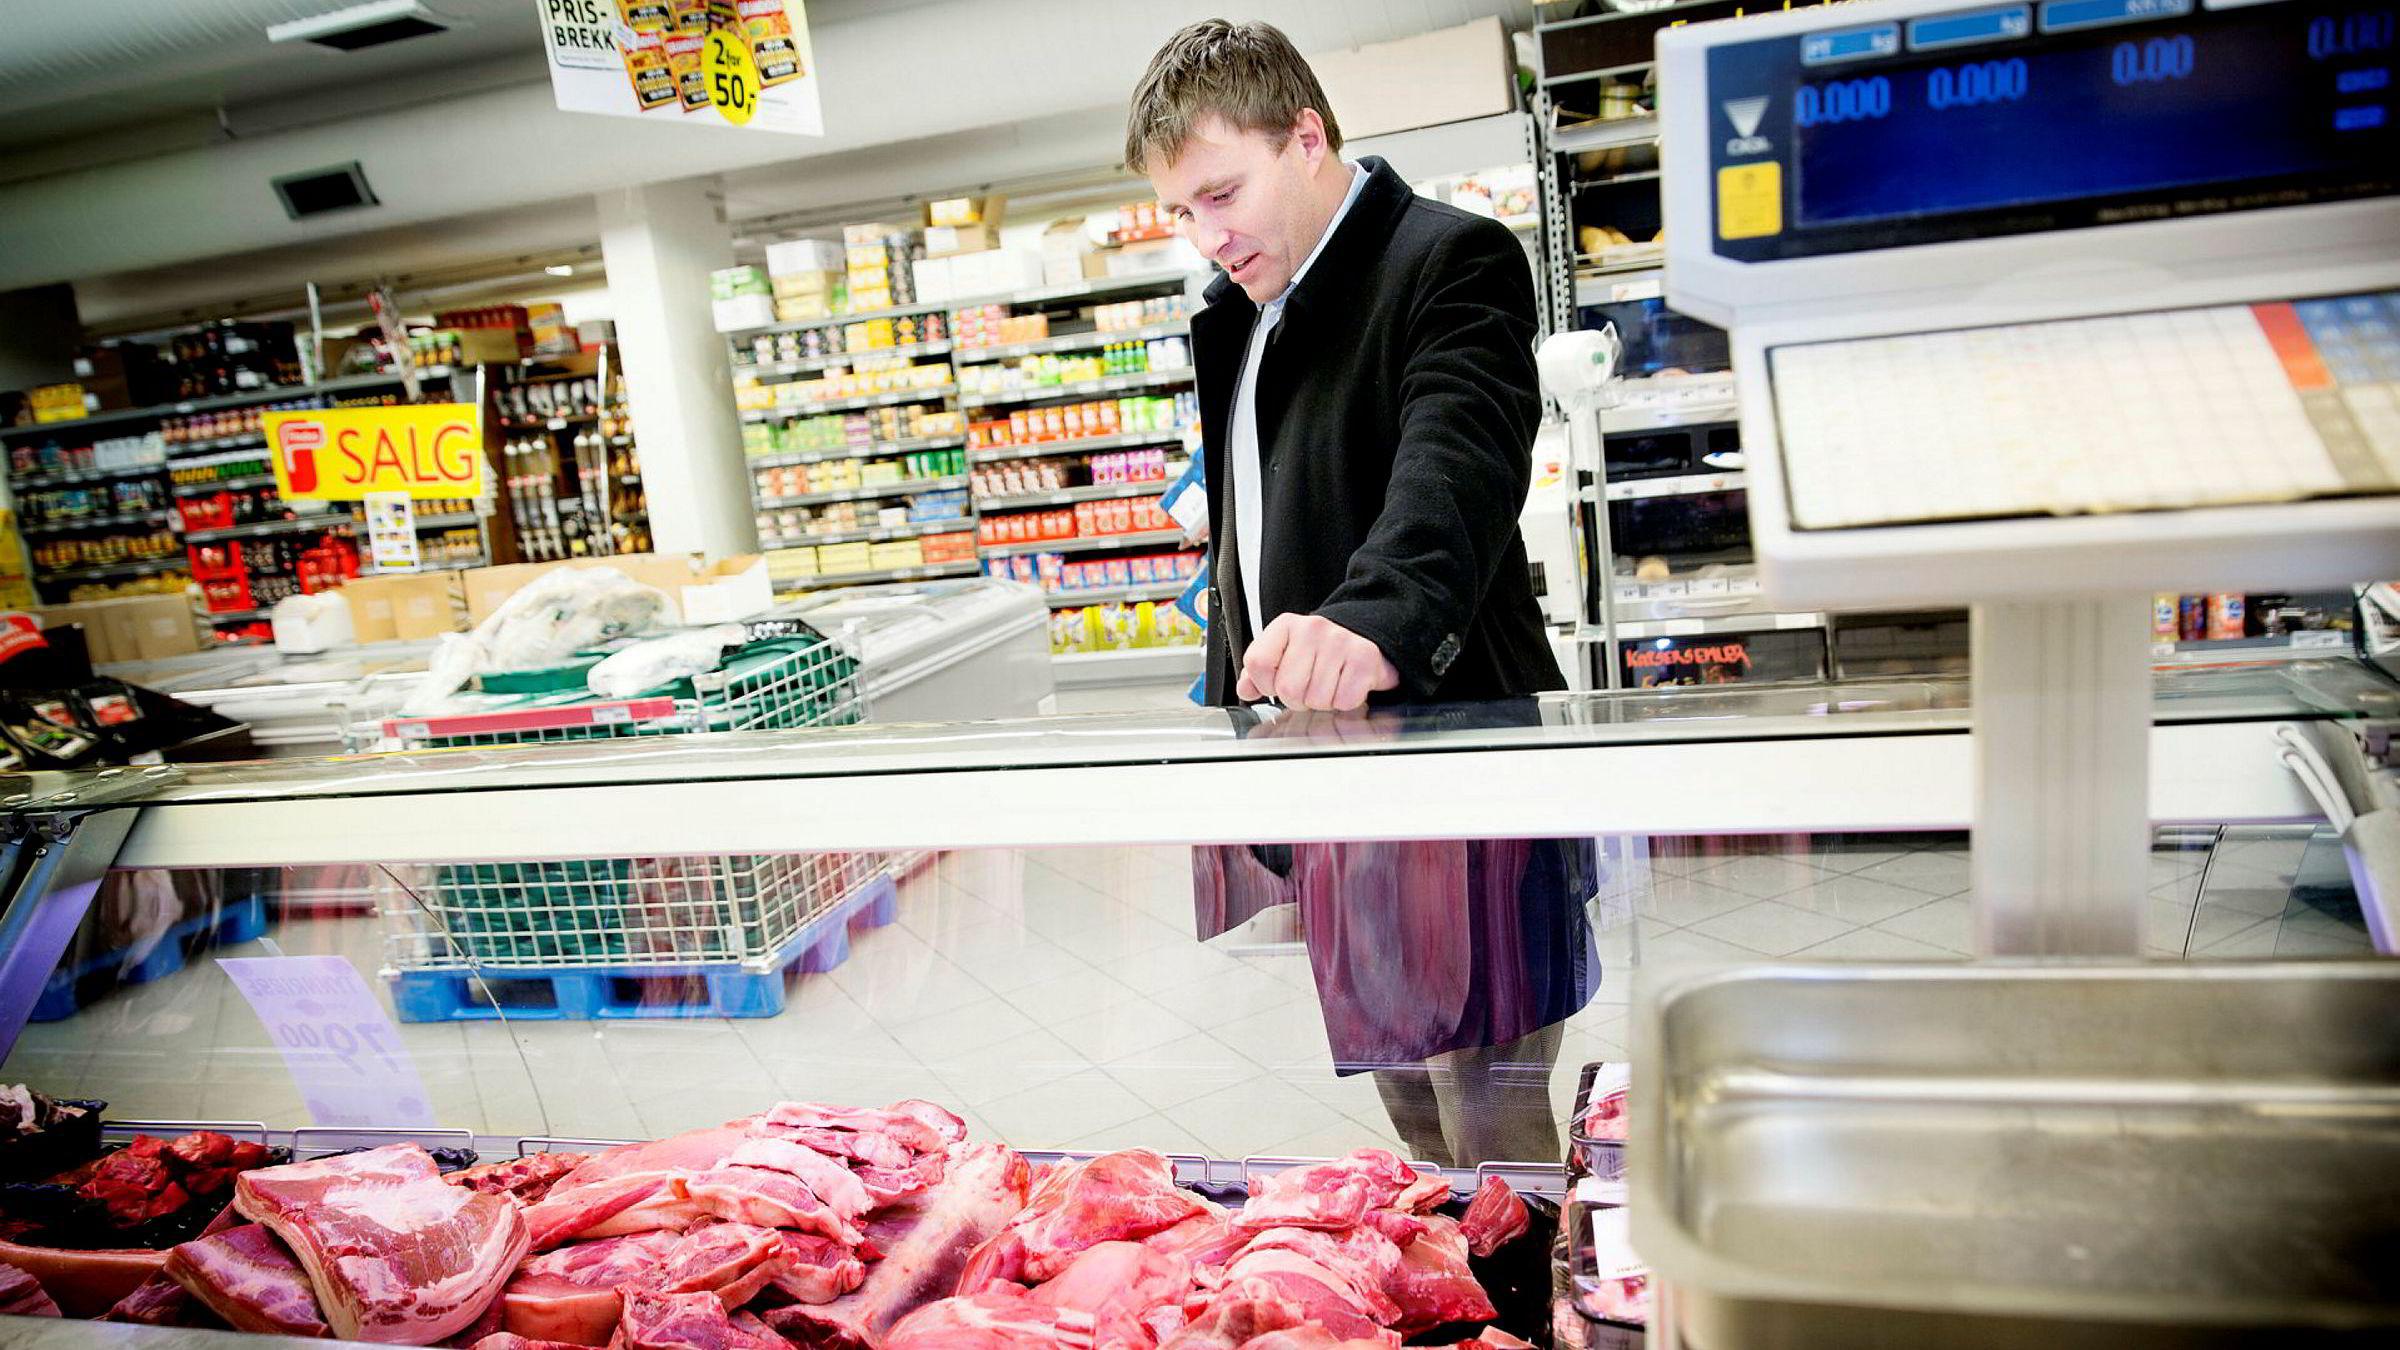 Christian Lykke og Bunnpris økte inntektene i fjor, men tapte penger på bunnlinjen etter å ha byttet grossist fra Rema til Norgesgruppen.